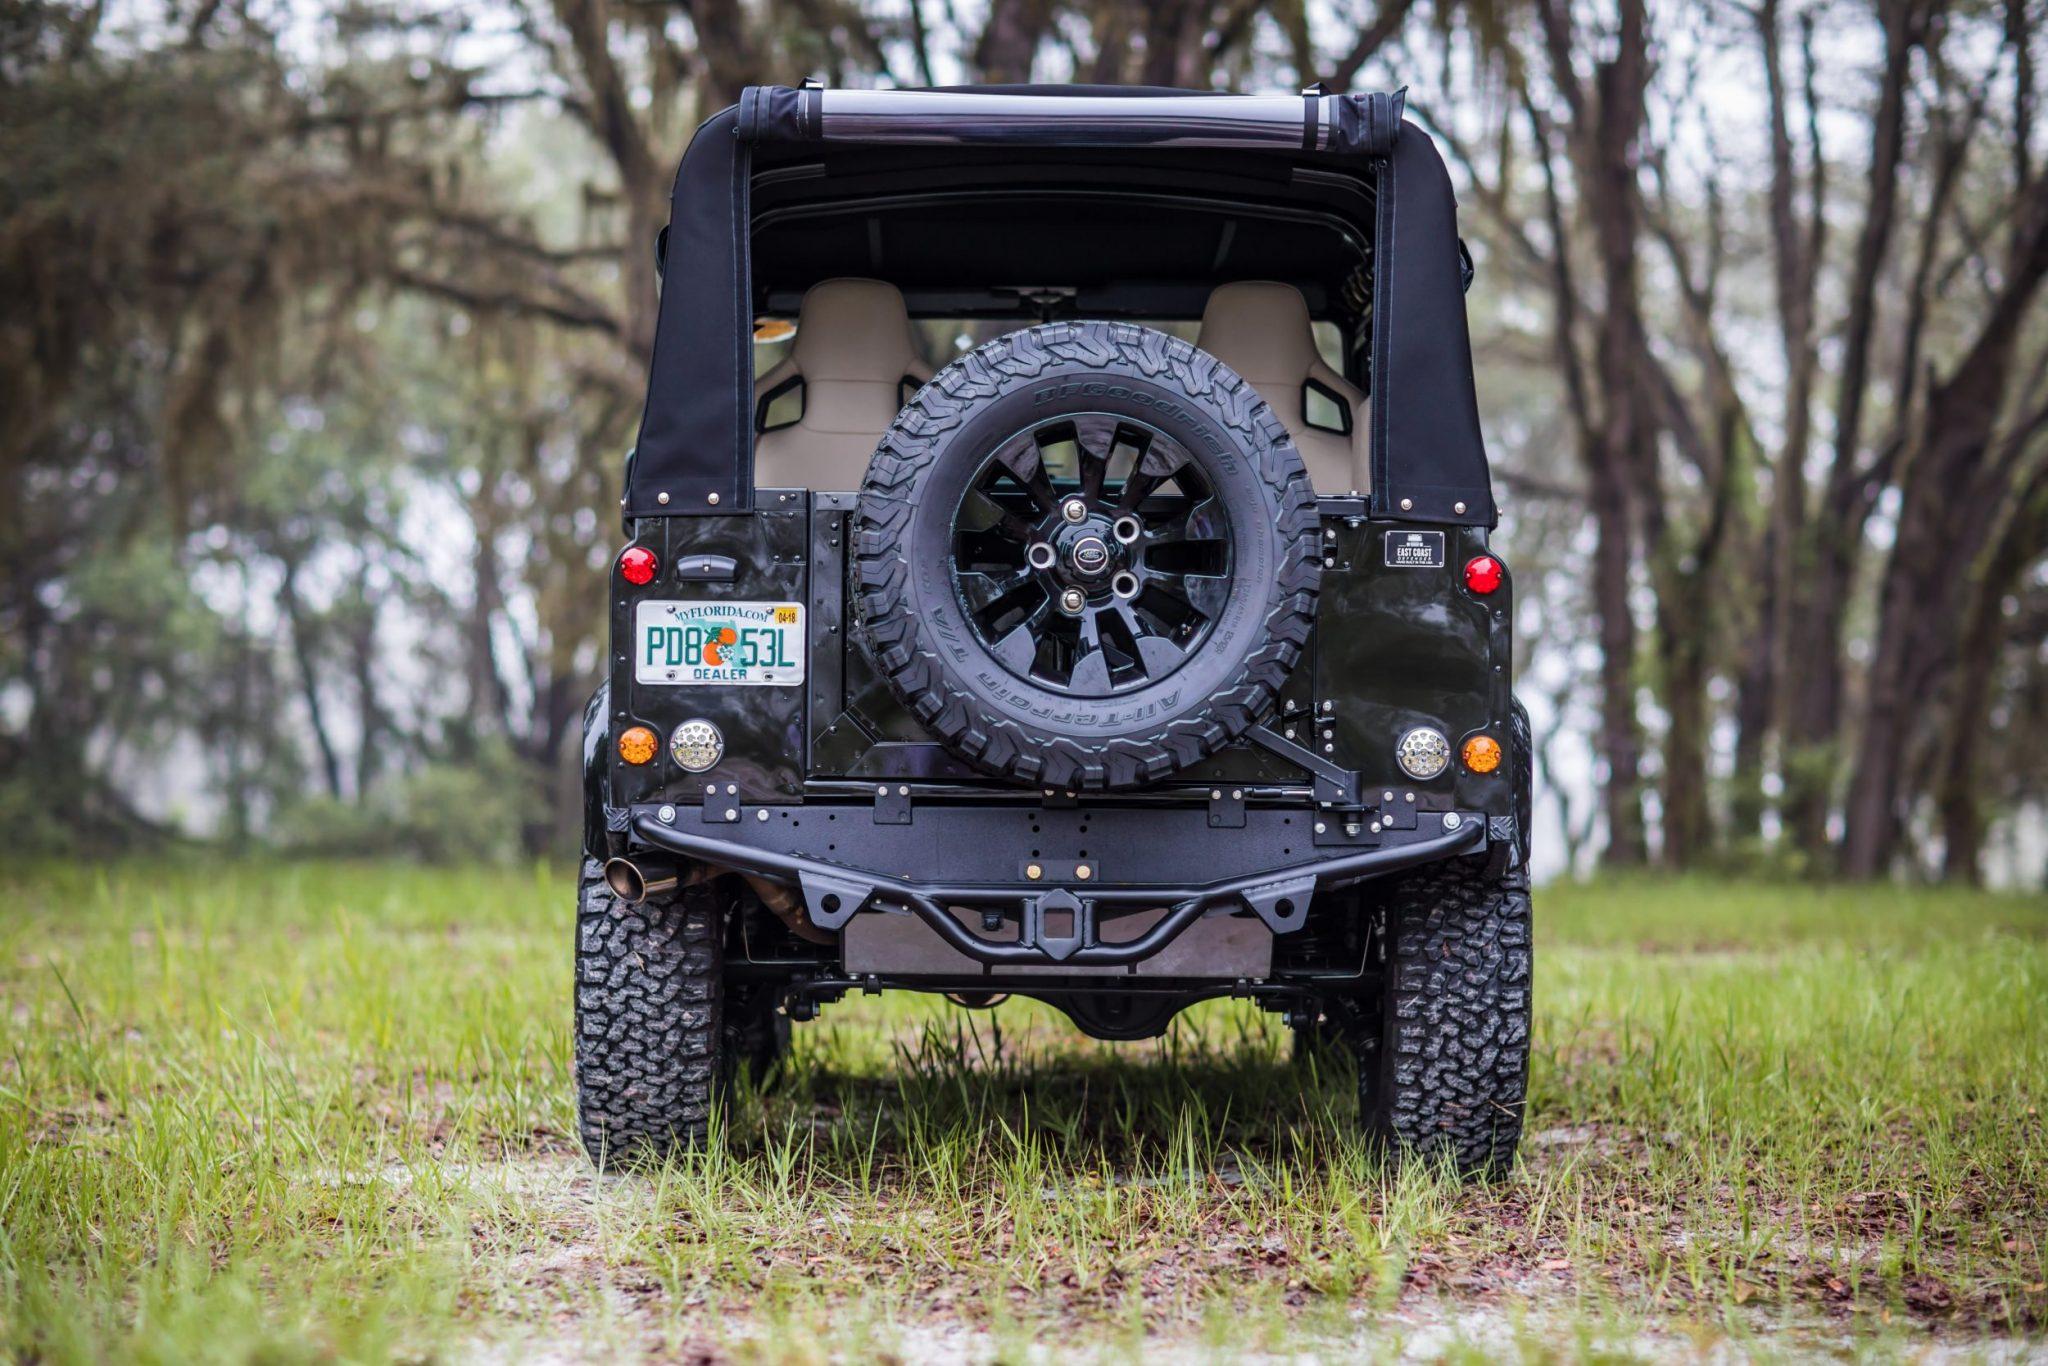 corvette engined land rover defender 15 - Corvette-Engined Land Rover Defender 90